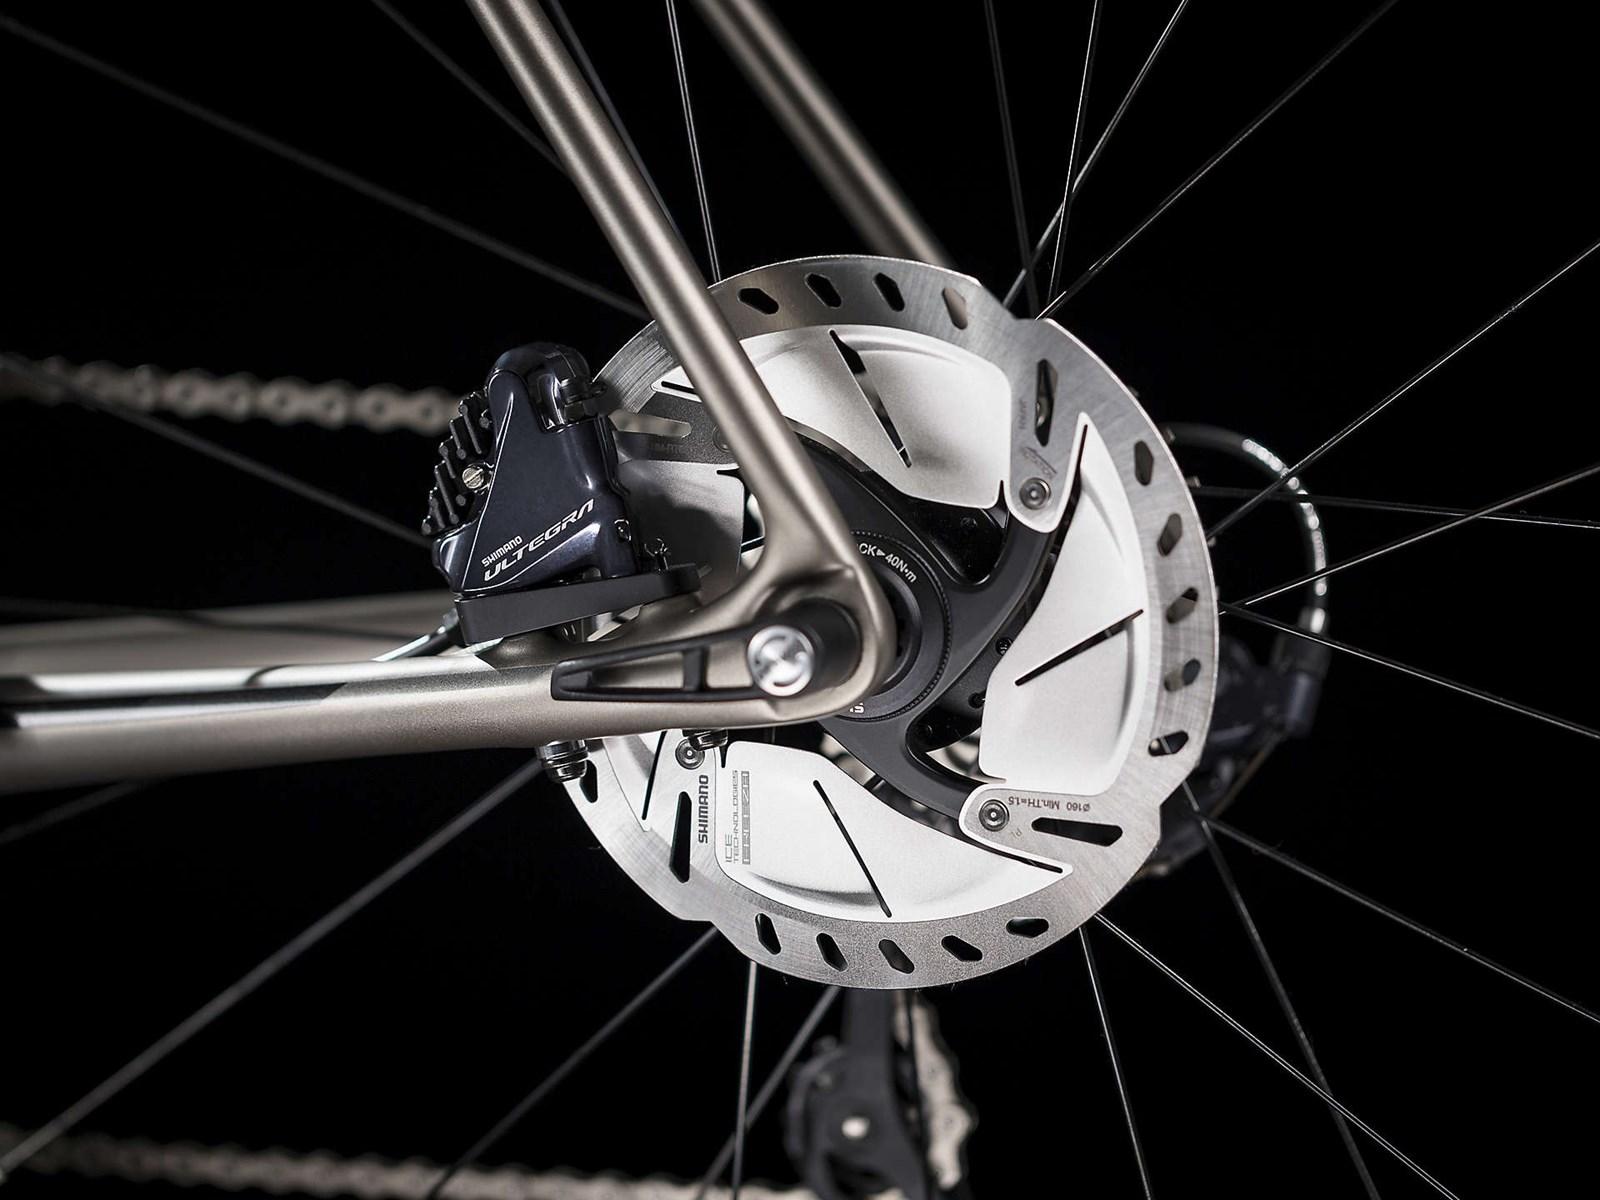 Trek Emonda SL 6 Disc Mens Carbon Road Bike 2019 - Gunmetal